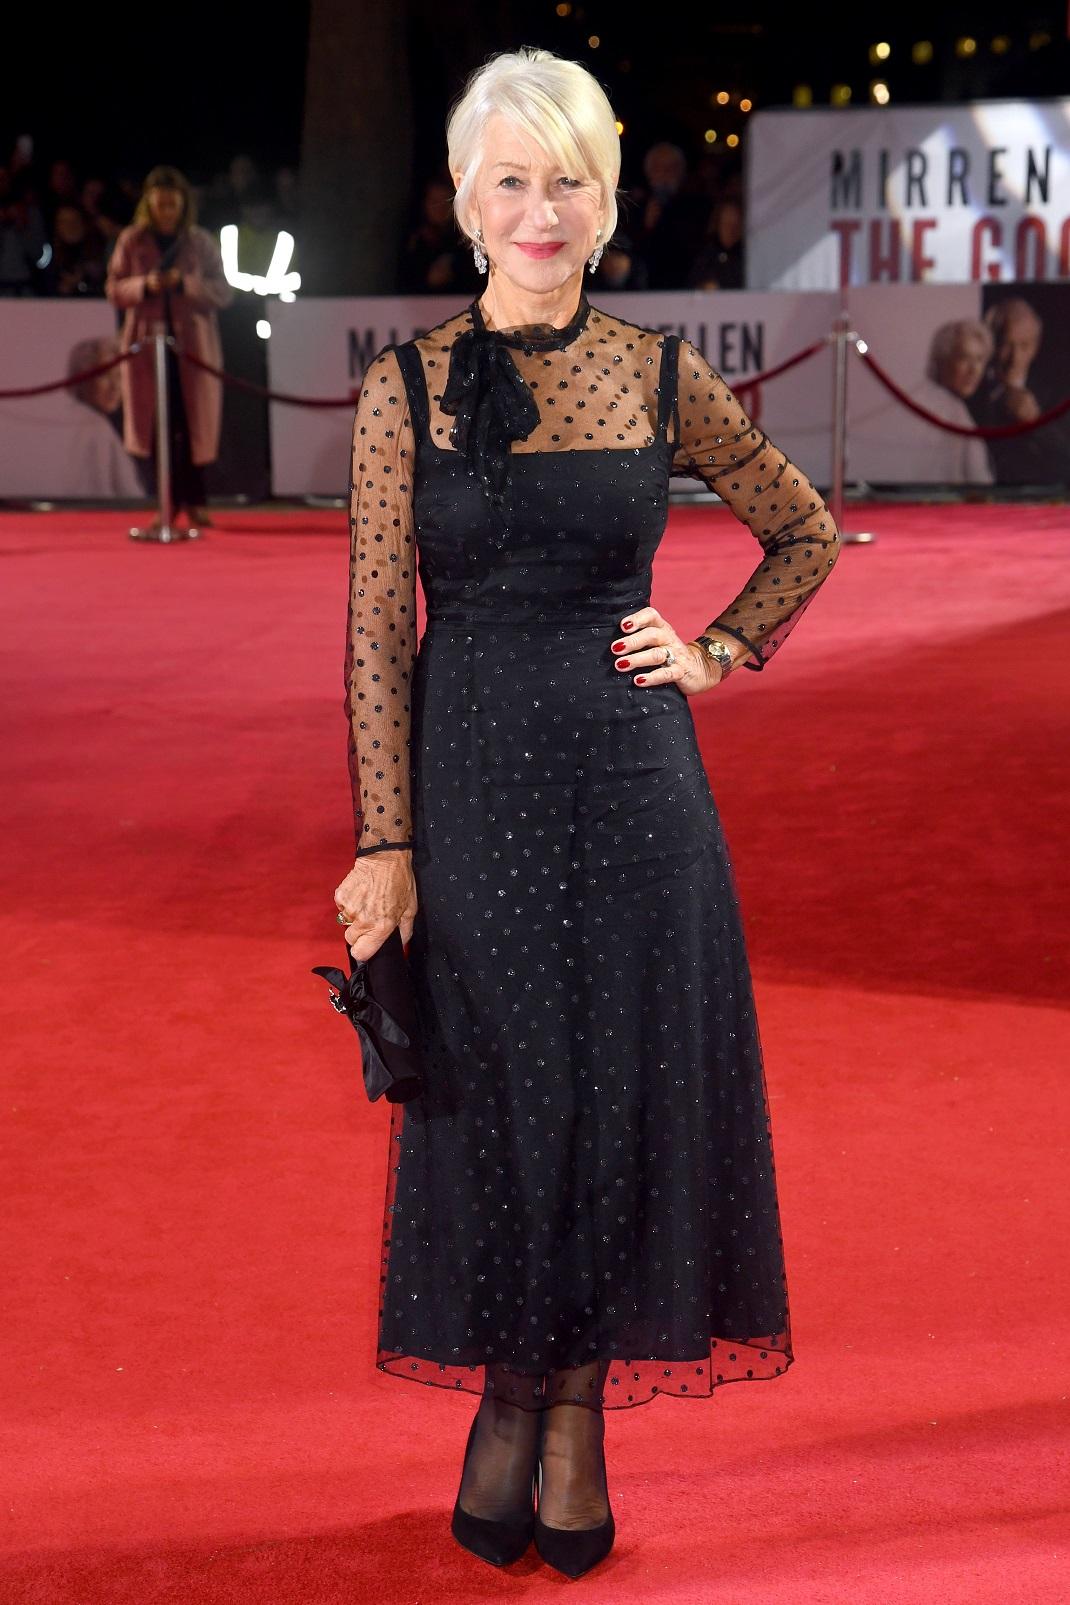 Η Έλεν Μίρεν με πουά φόρεμα και μαύρες γόβες στο κόκκινο χαλί